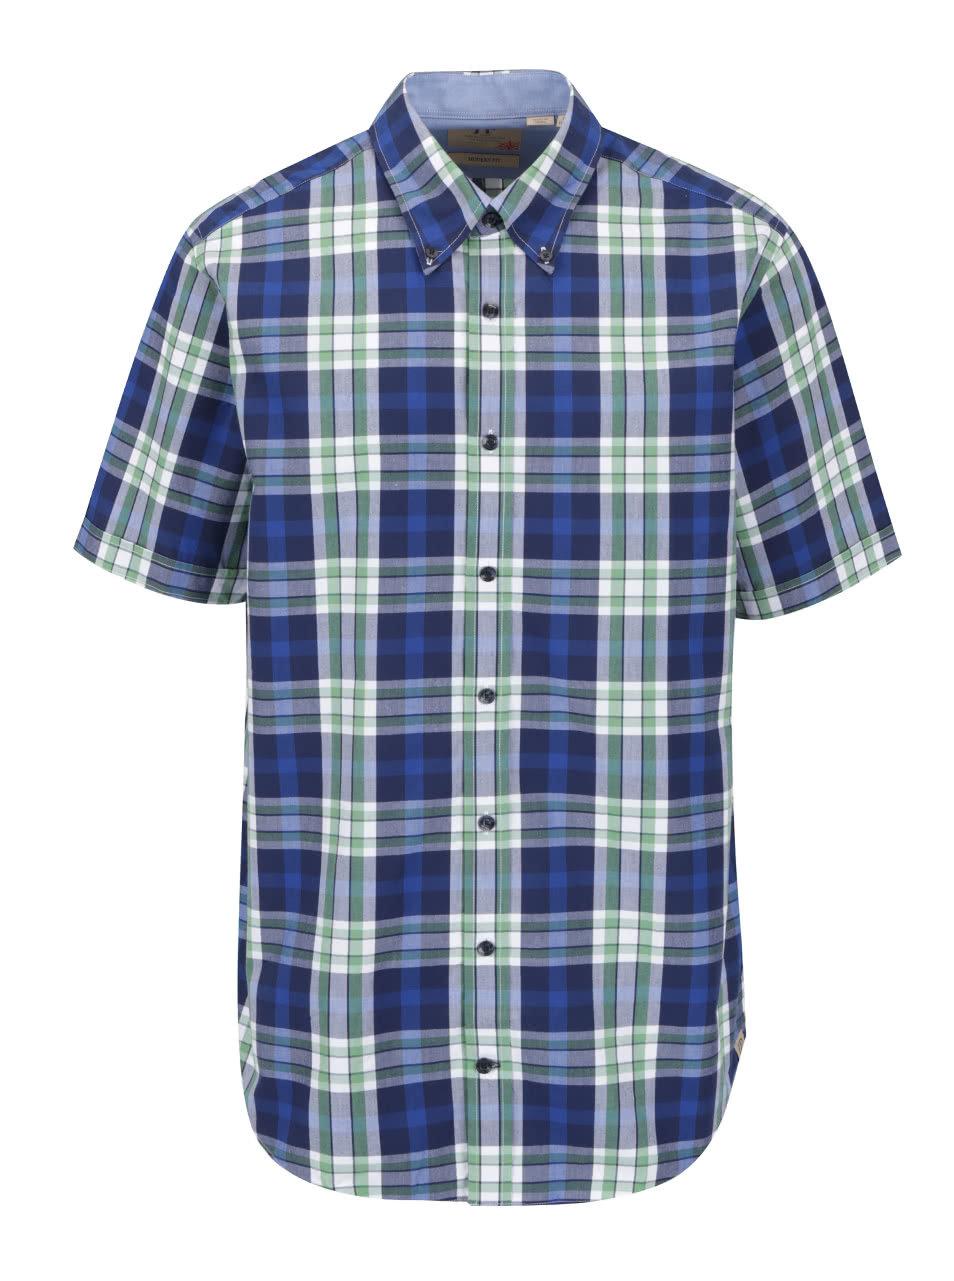 488d21ba39 Zeleno-modrá kockovaná košeľa s krátkym rukávom JP 1880 ...